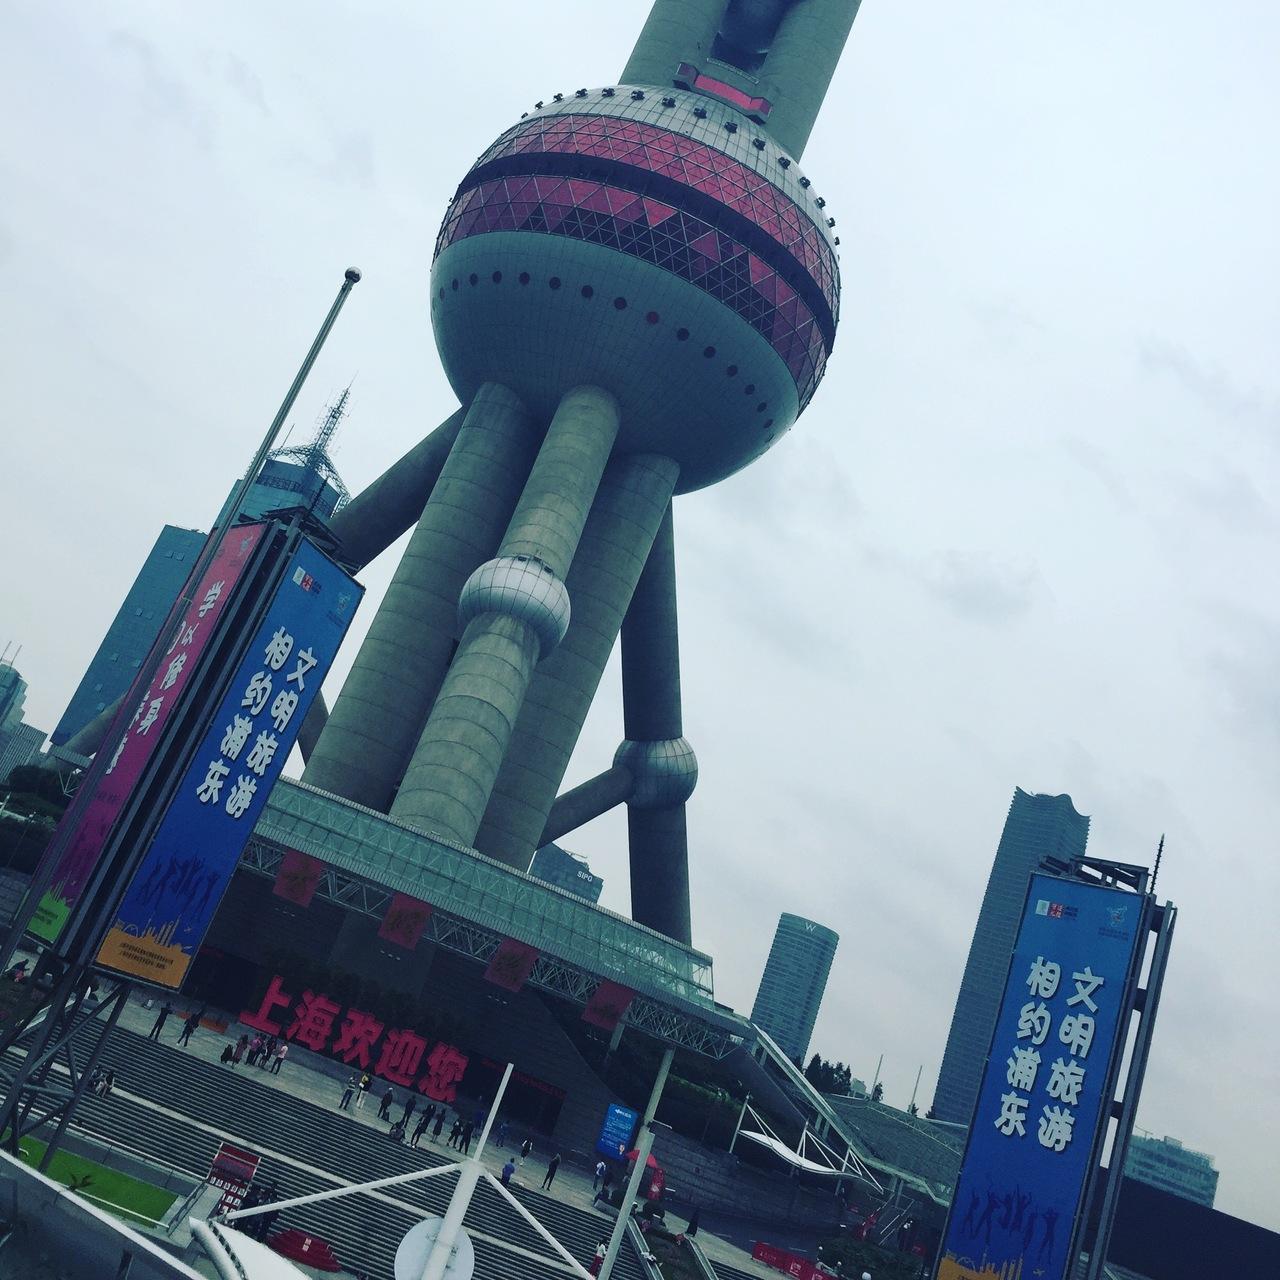 ana (スタアラ)特典航空券で行く上海ディズニーひとり旅③上海編』上海